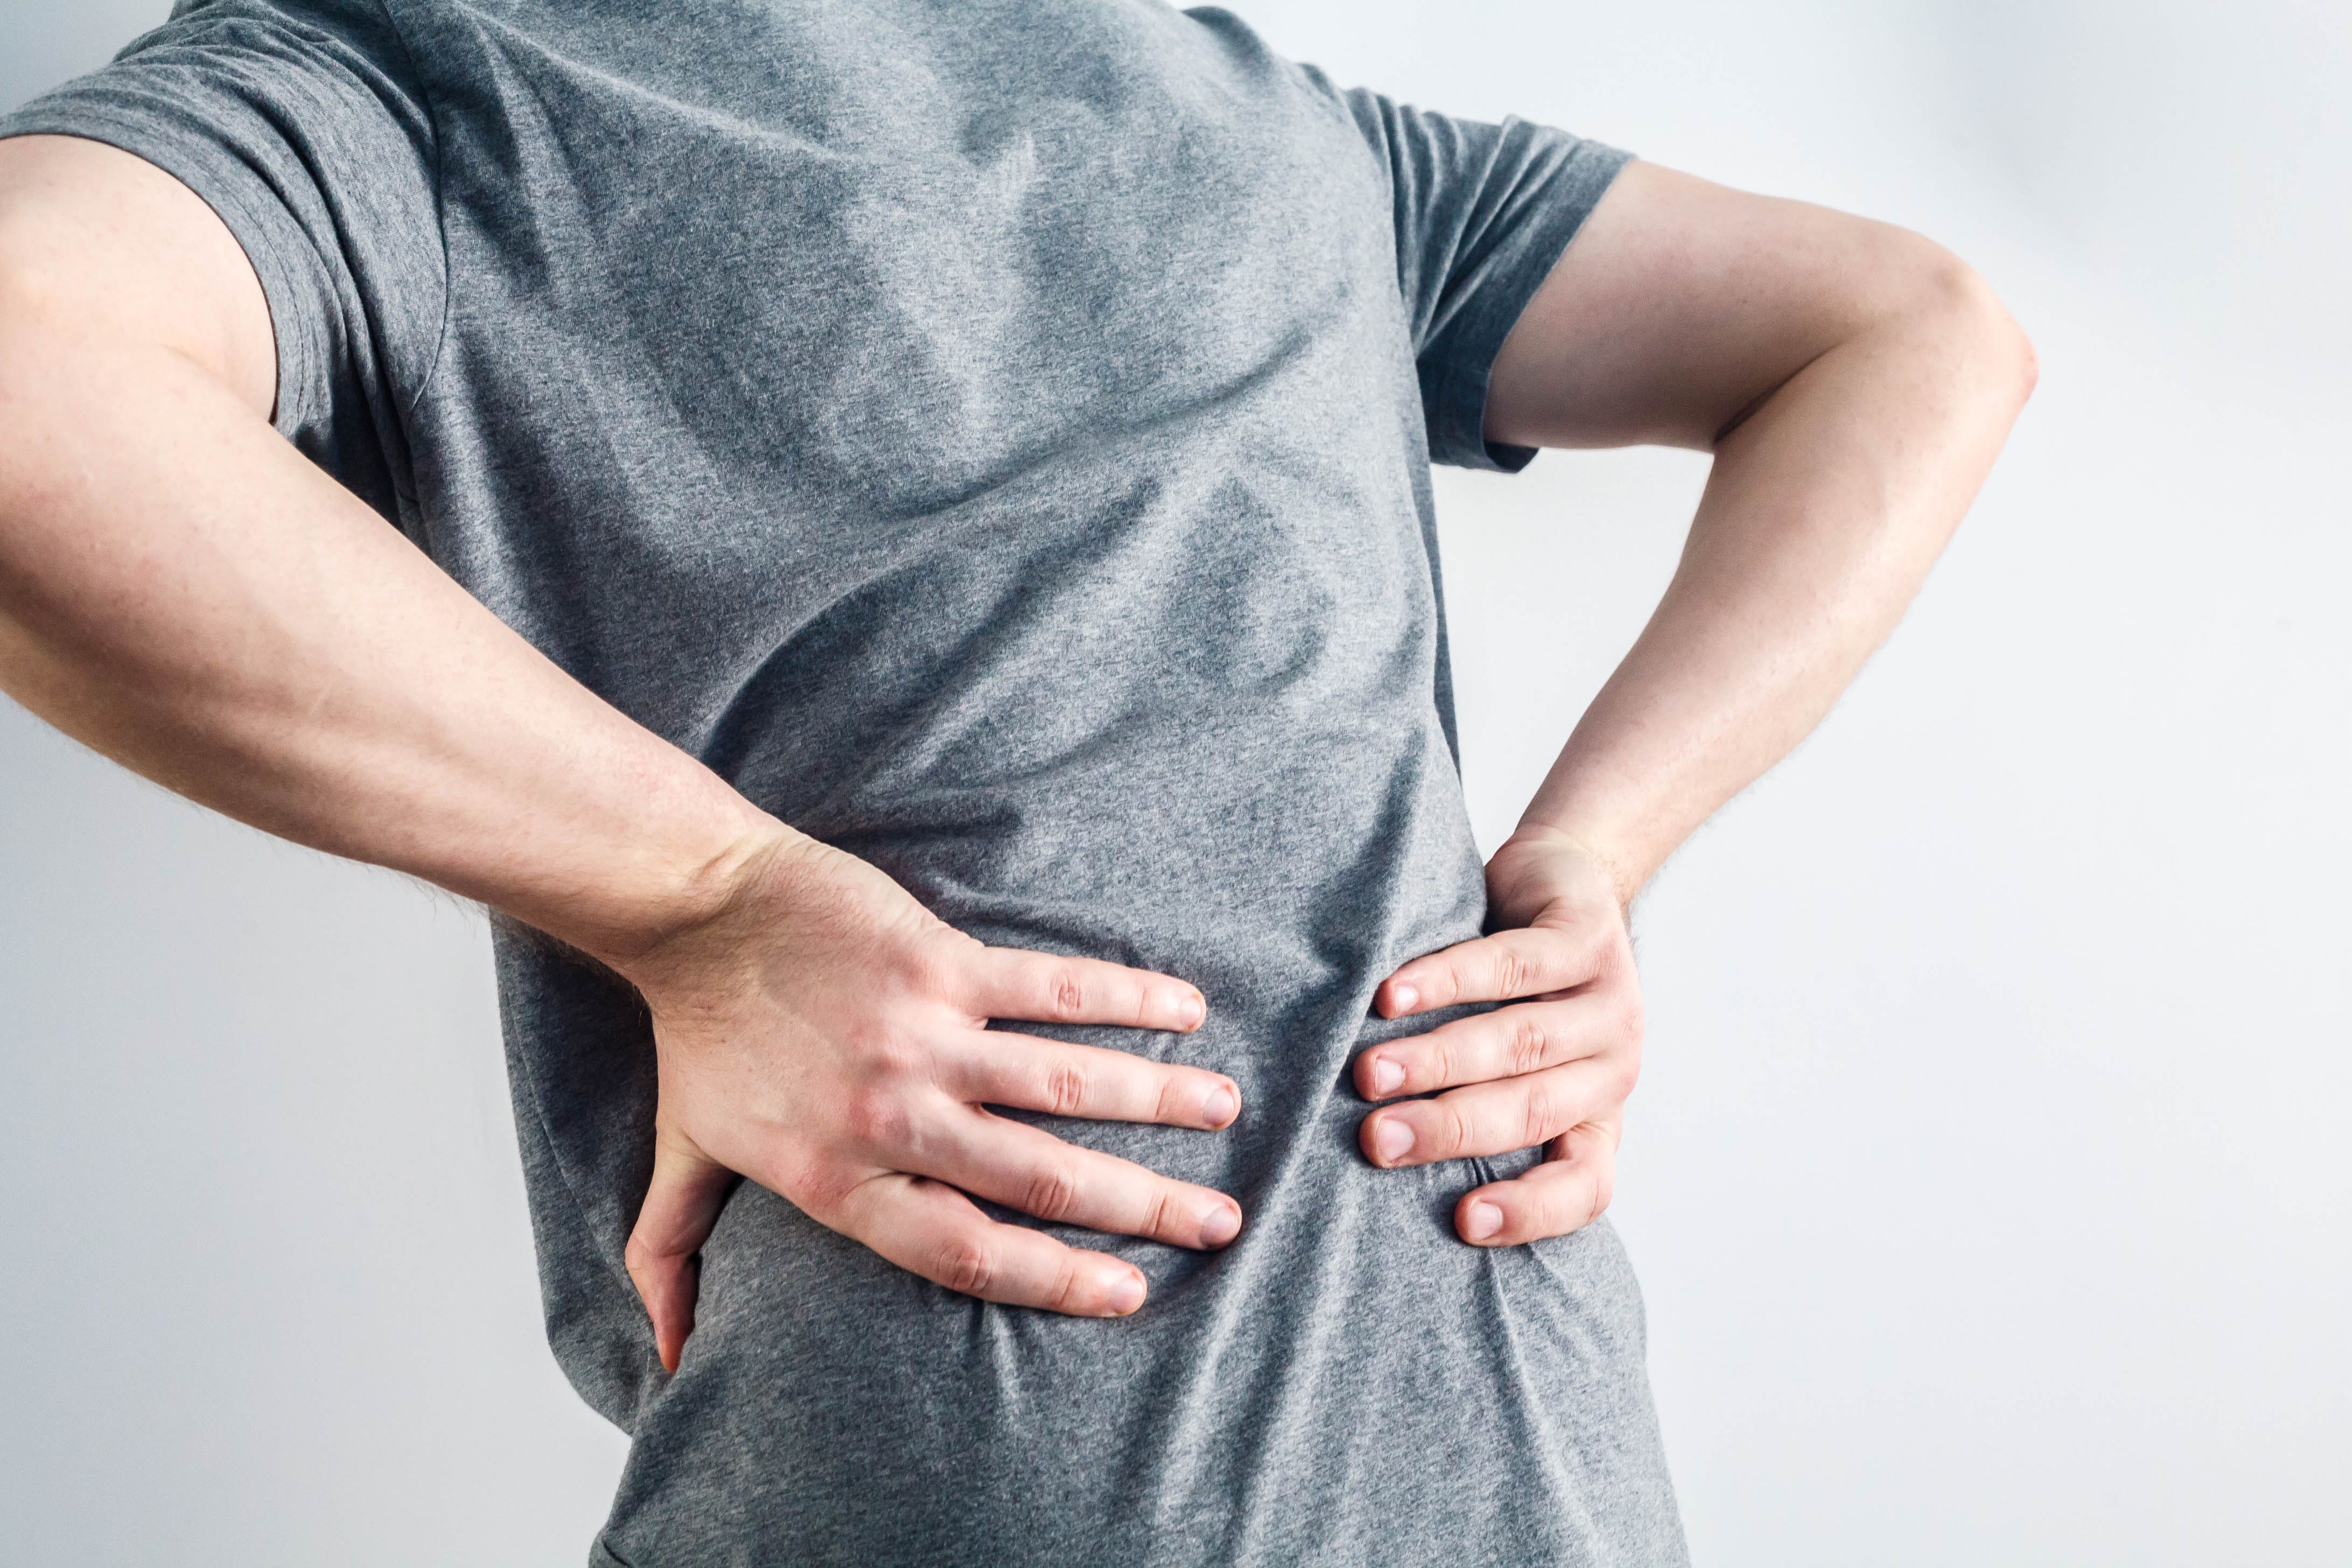 十個日常動作多注意 腰痛不復發